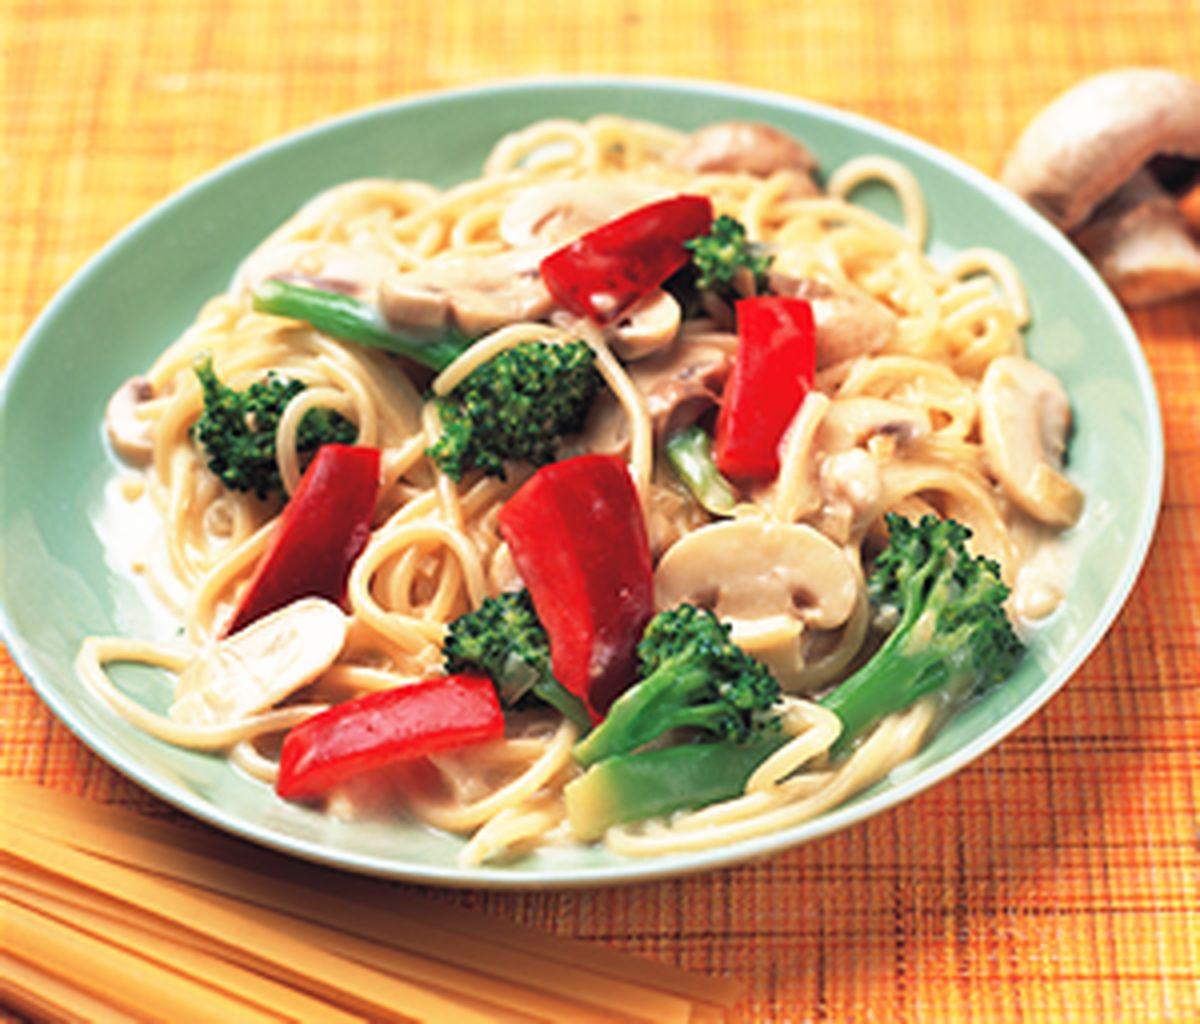 食譜:蔬菜奶油義大利麵